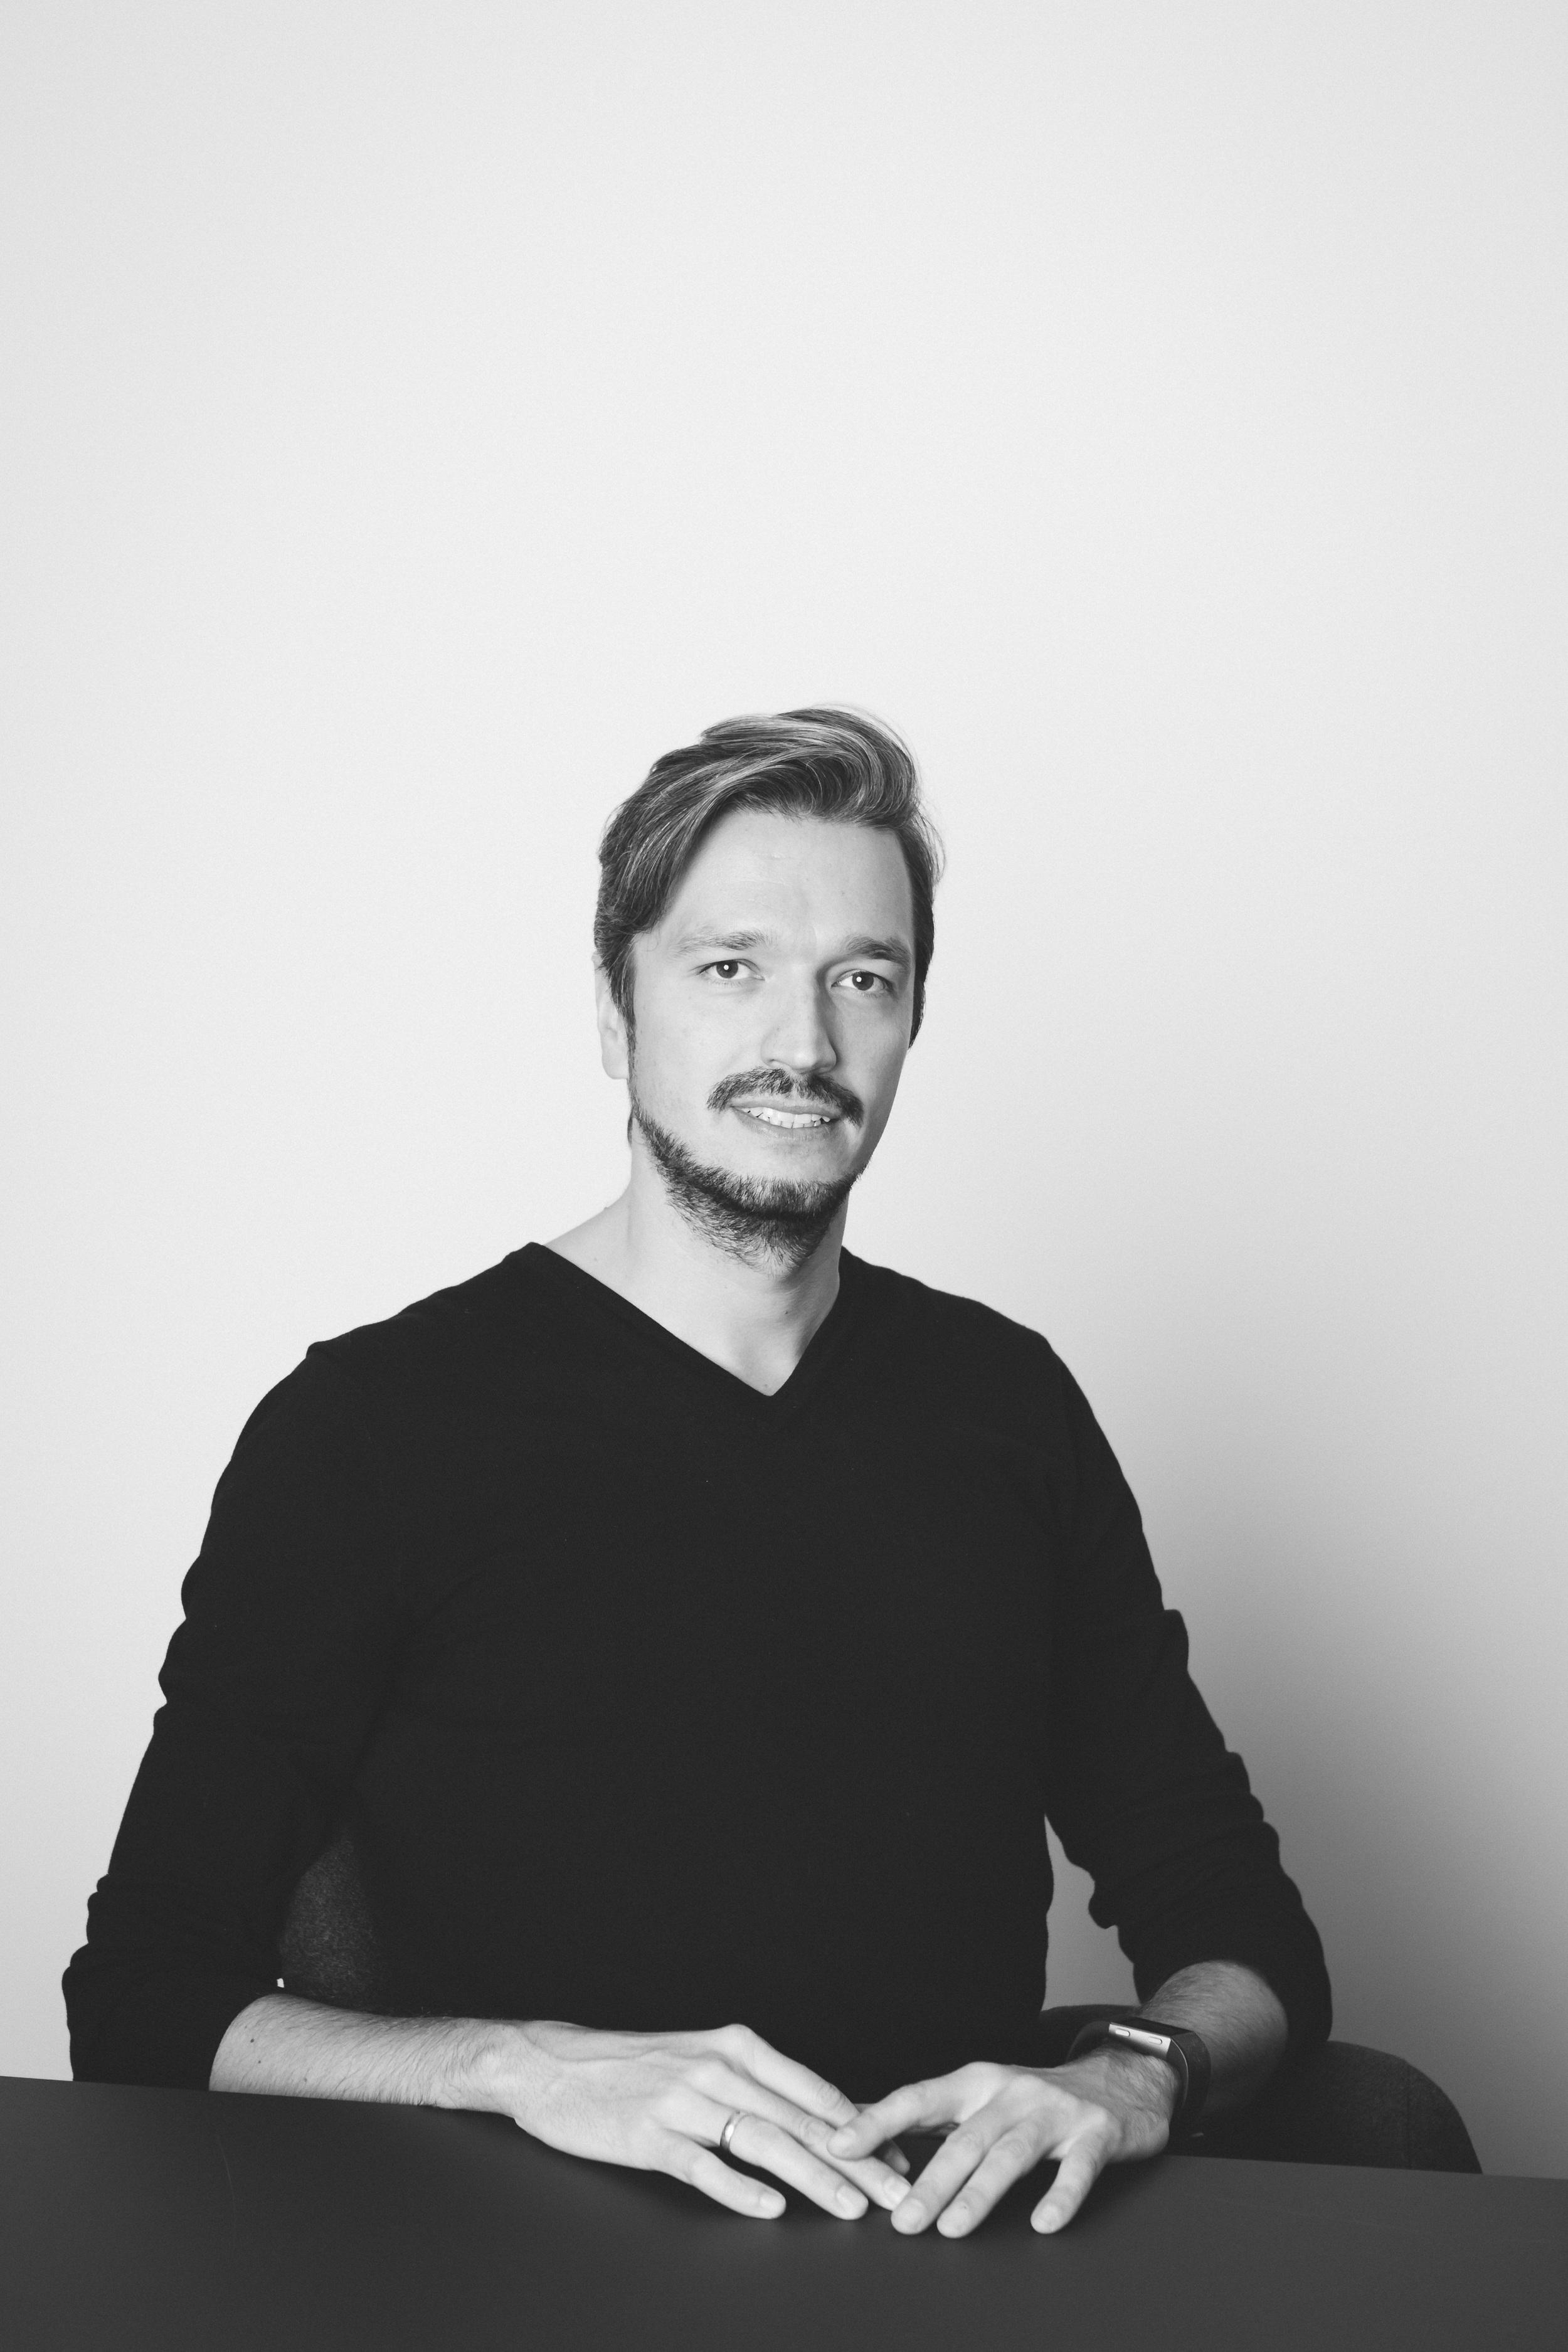 Foto M. Bösendorfer